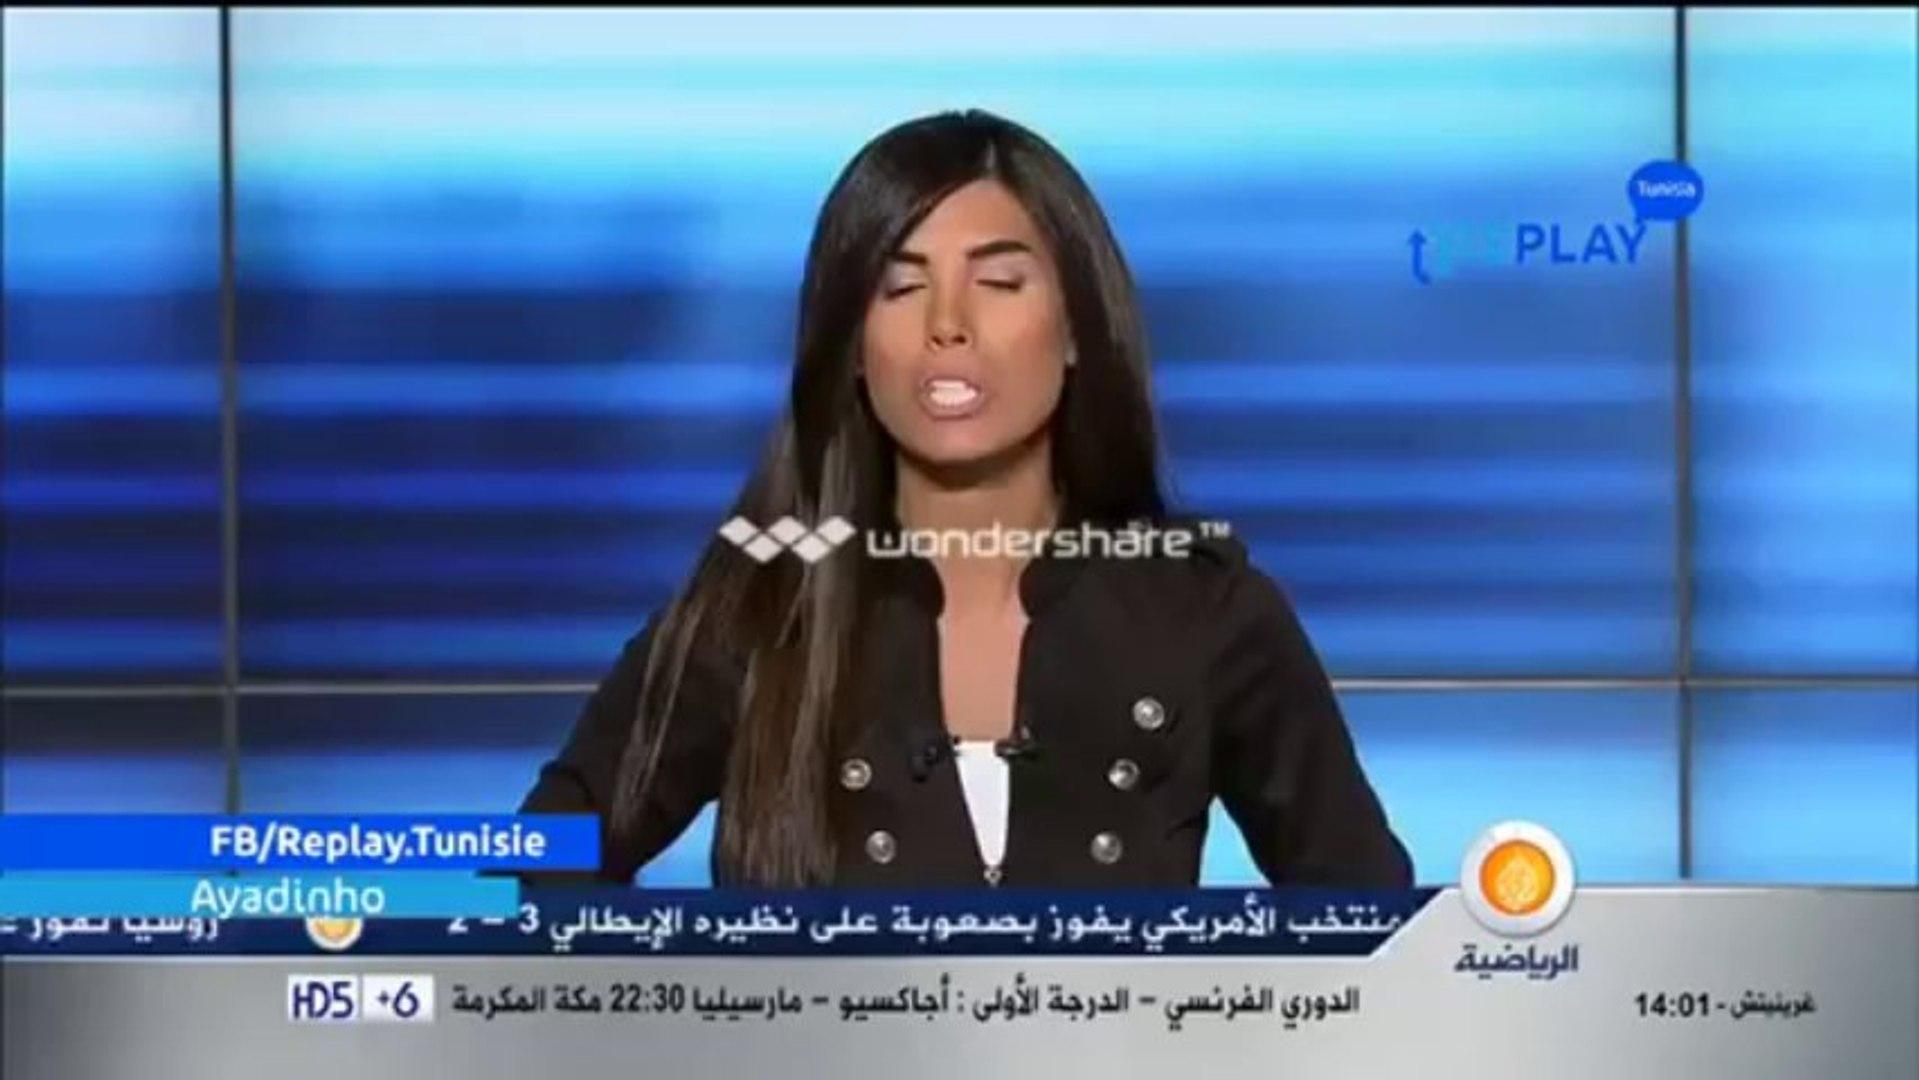 الجزيرة تؤكد رحيل ميسي عن برشلونة نهاية الموسم